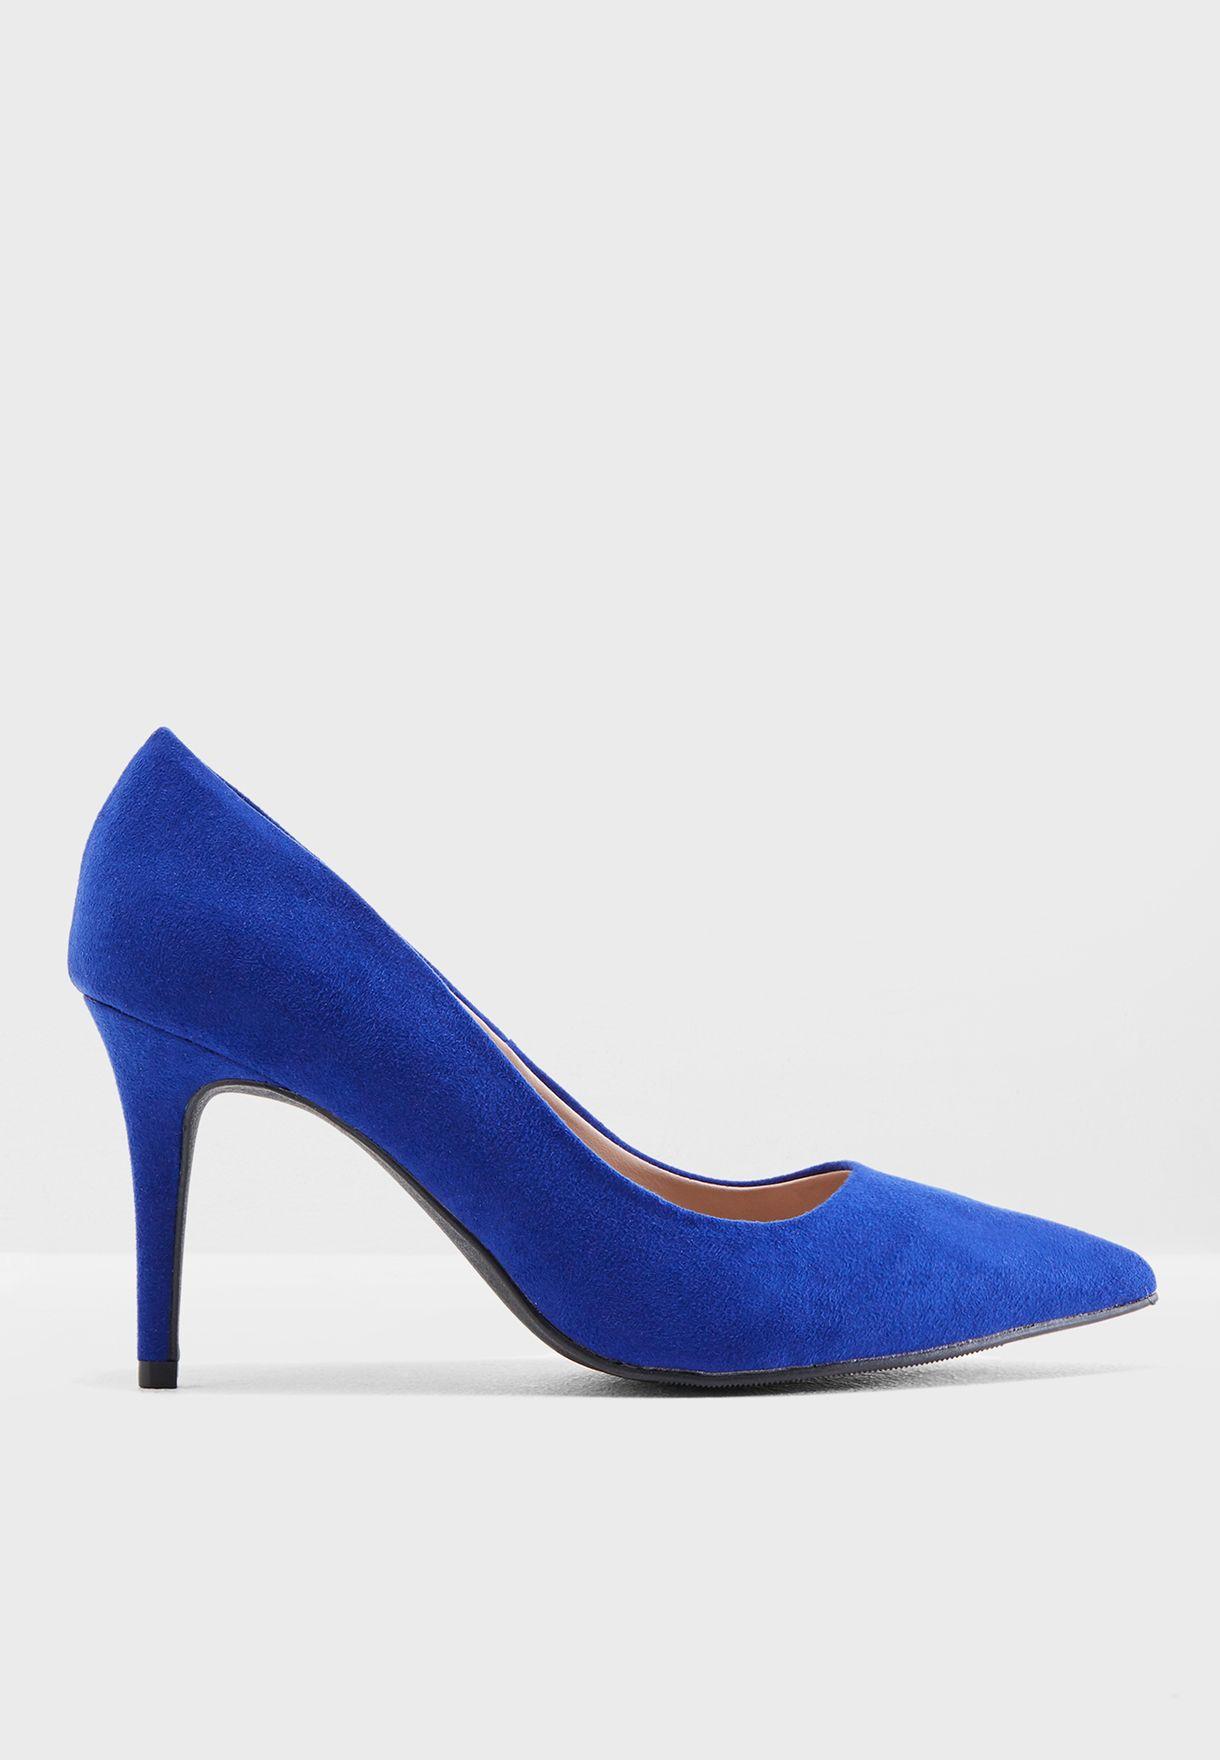 c3036e03da8 Wide Fit Electra Court Shoes